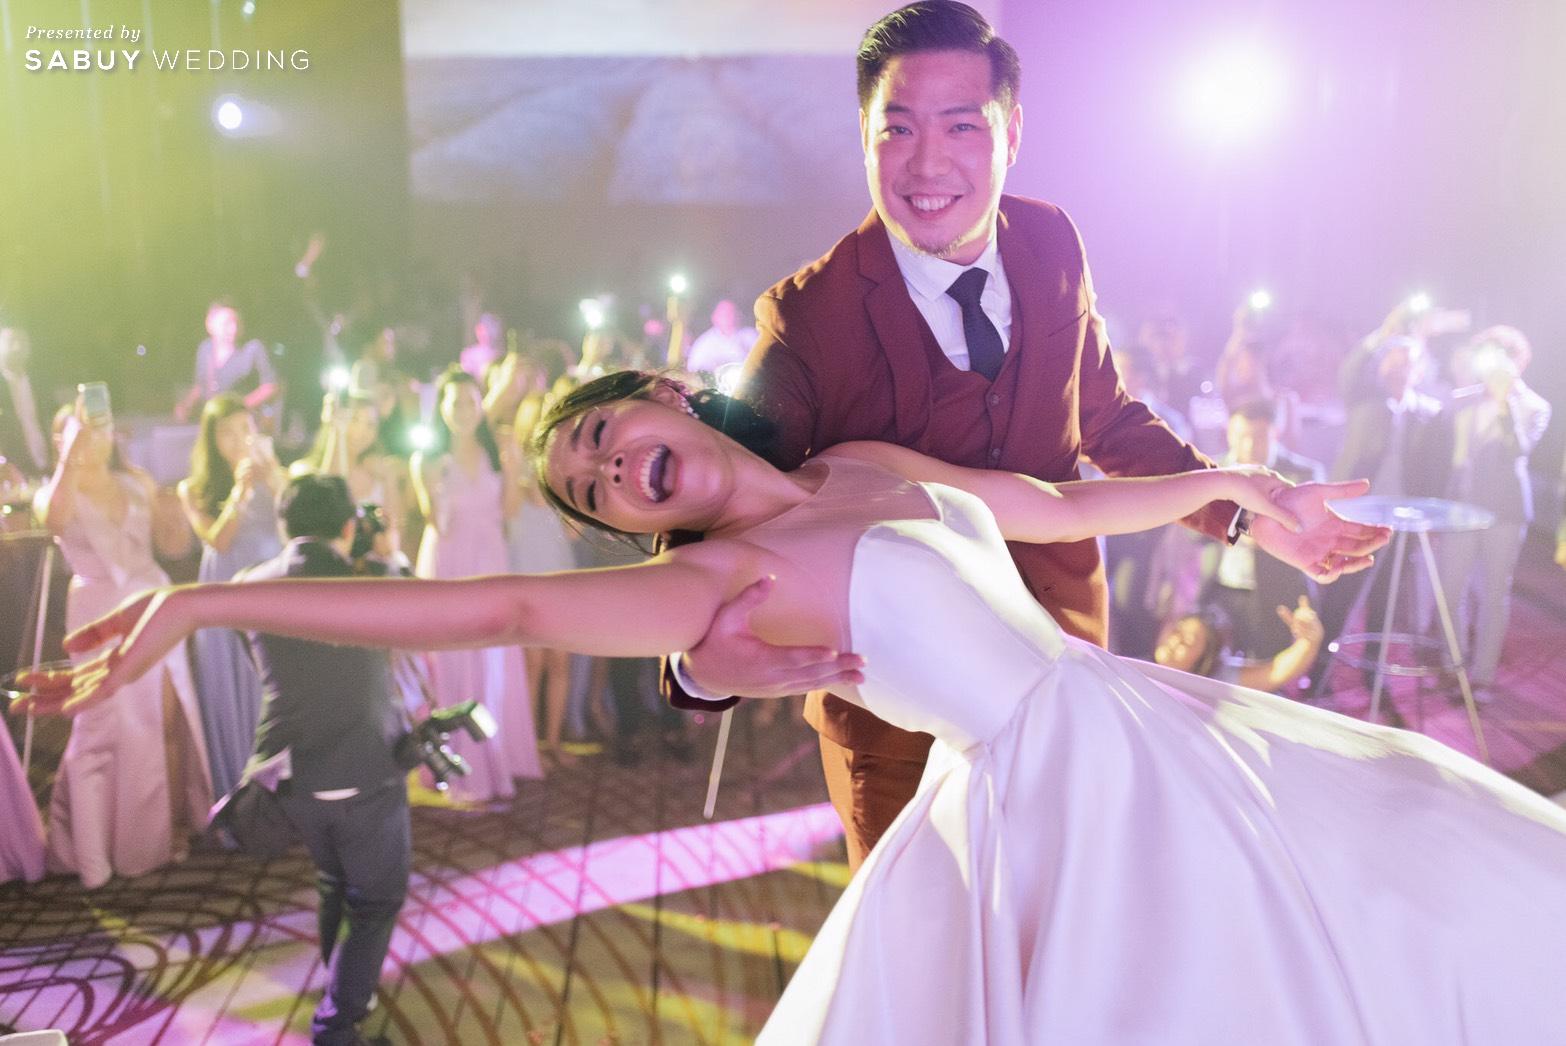 โรงแรม,สถานที่แต่งงาน,ชุดแต่งงาน รีวิวงานแต่ง Minimal in Lavender เก๋ไม่ซ้ำใครสไตล์ Go Green @ SO/BANGKOK